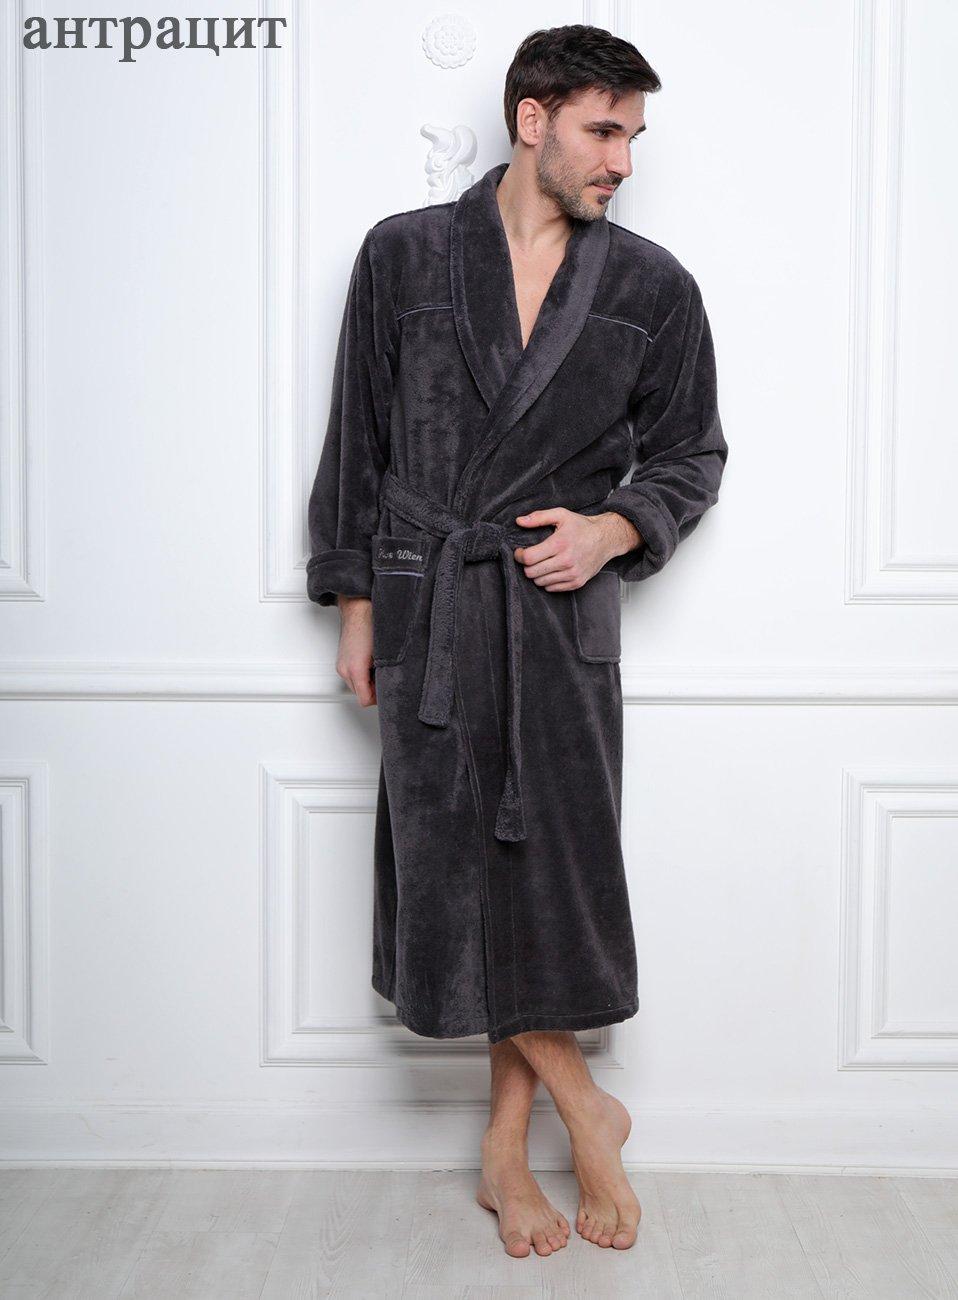 Мужской велюровый халат Dolce антрацит Five wien